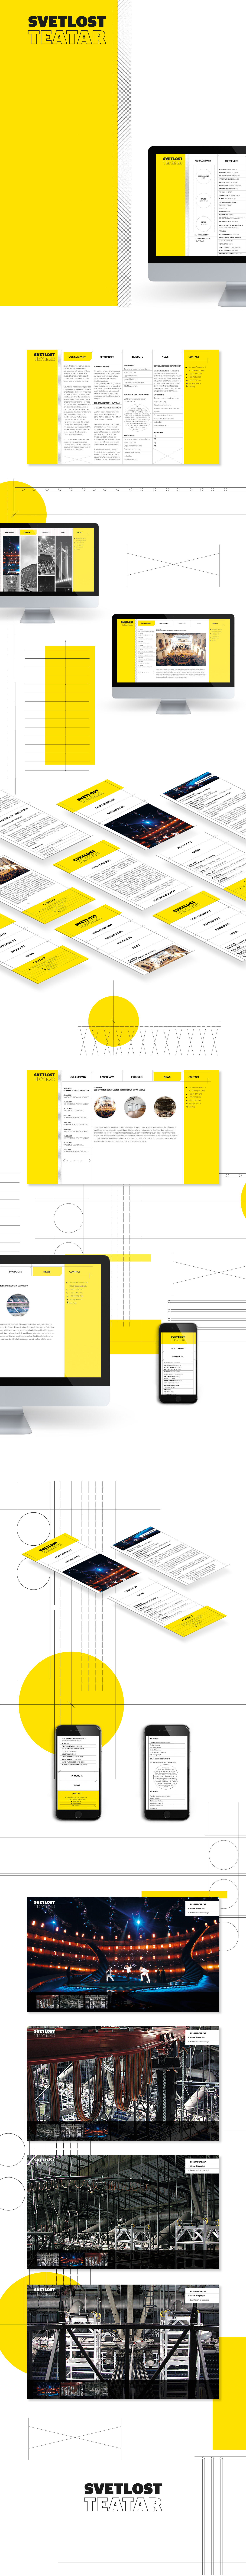 Za-sajt-SVETLOST-preview.jpg